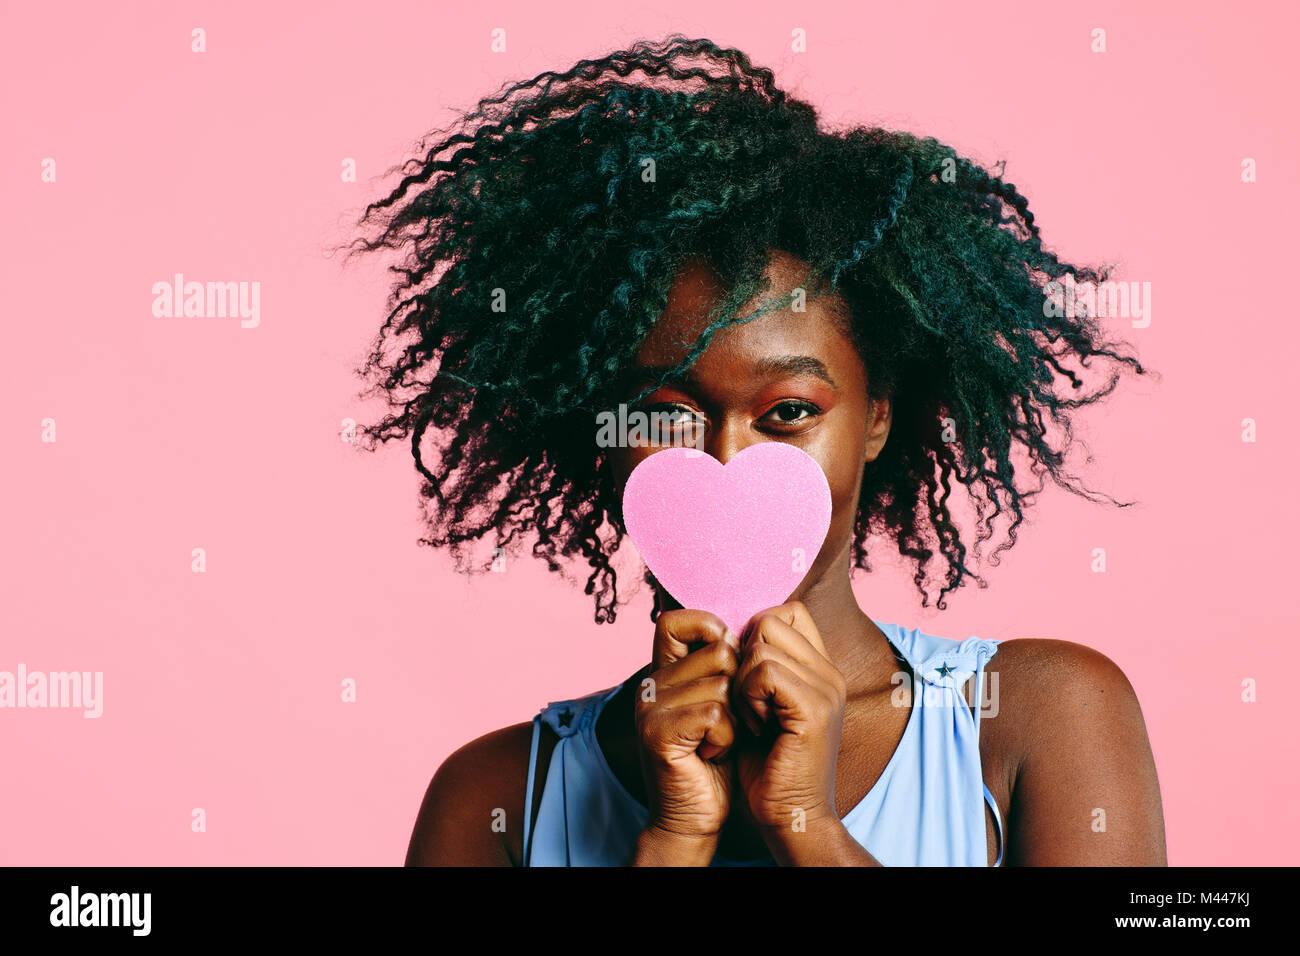 Chica con cabello rizado negro azulado sosteniendo una rosa de corazón delante de su rostro Imagen De Stock